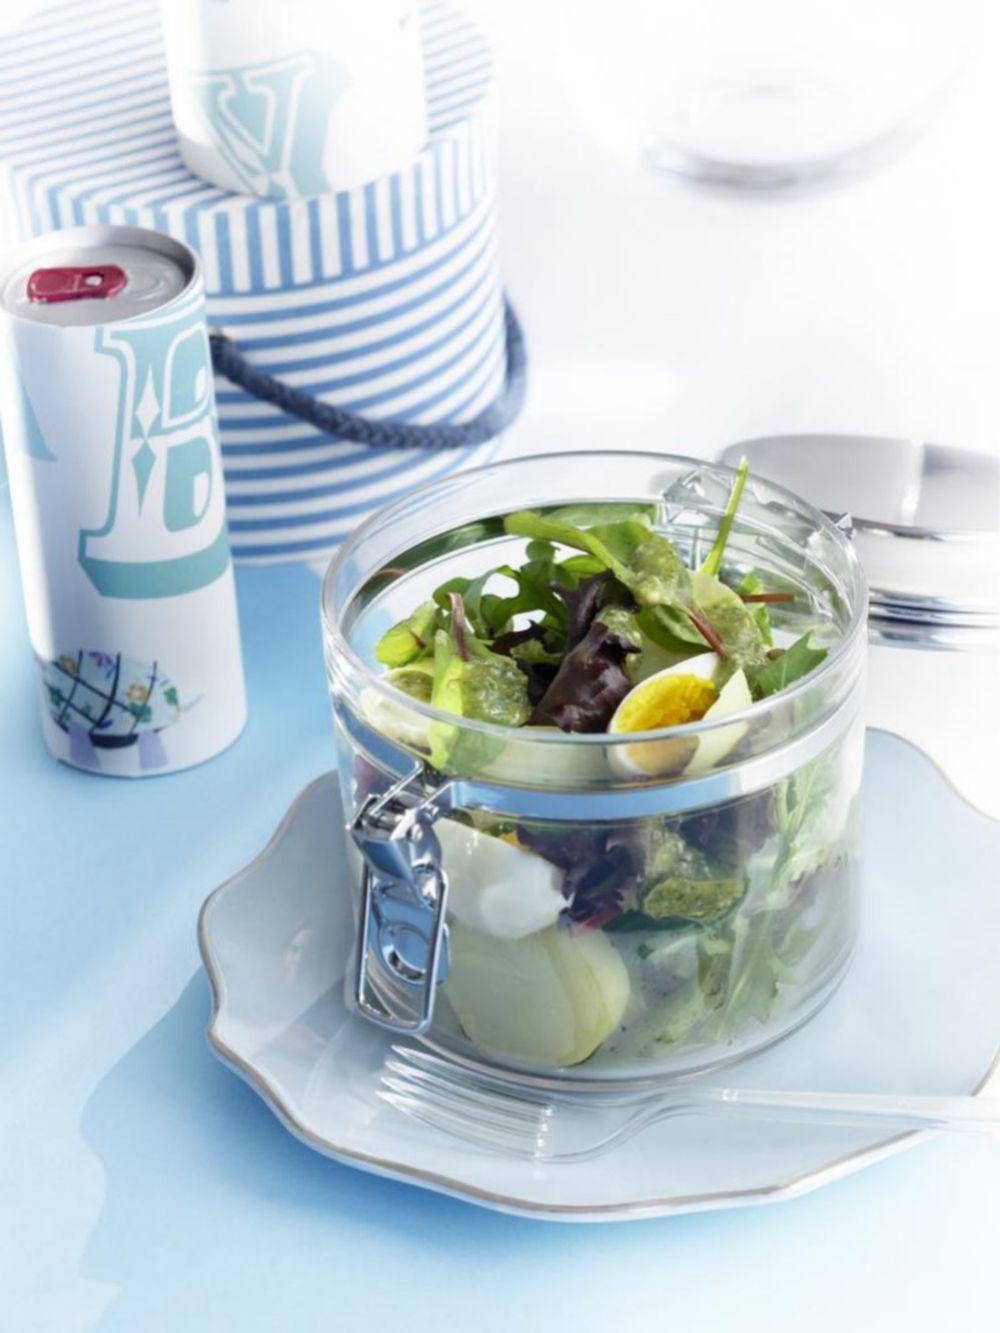 Aumenta el consumo de verduras y frutas, reduce el de carbohidratos y elige proteínas de calidad.